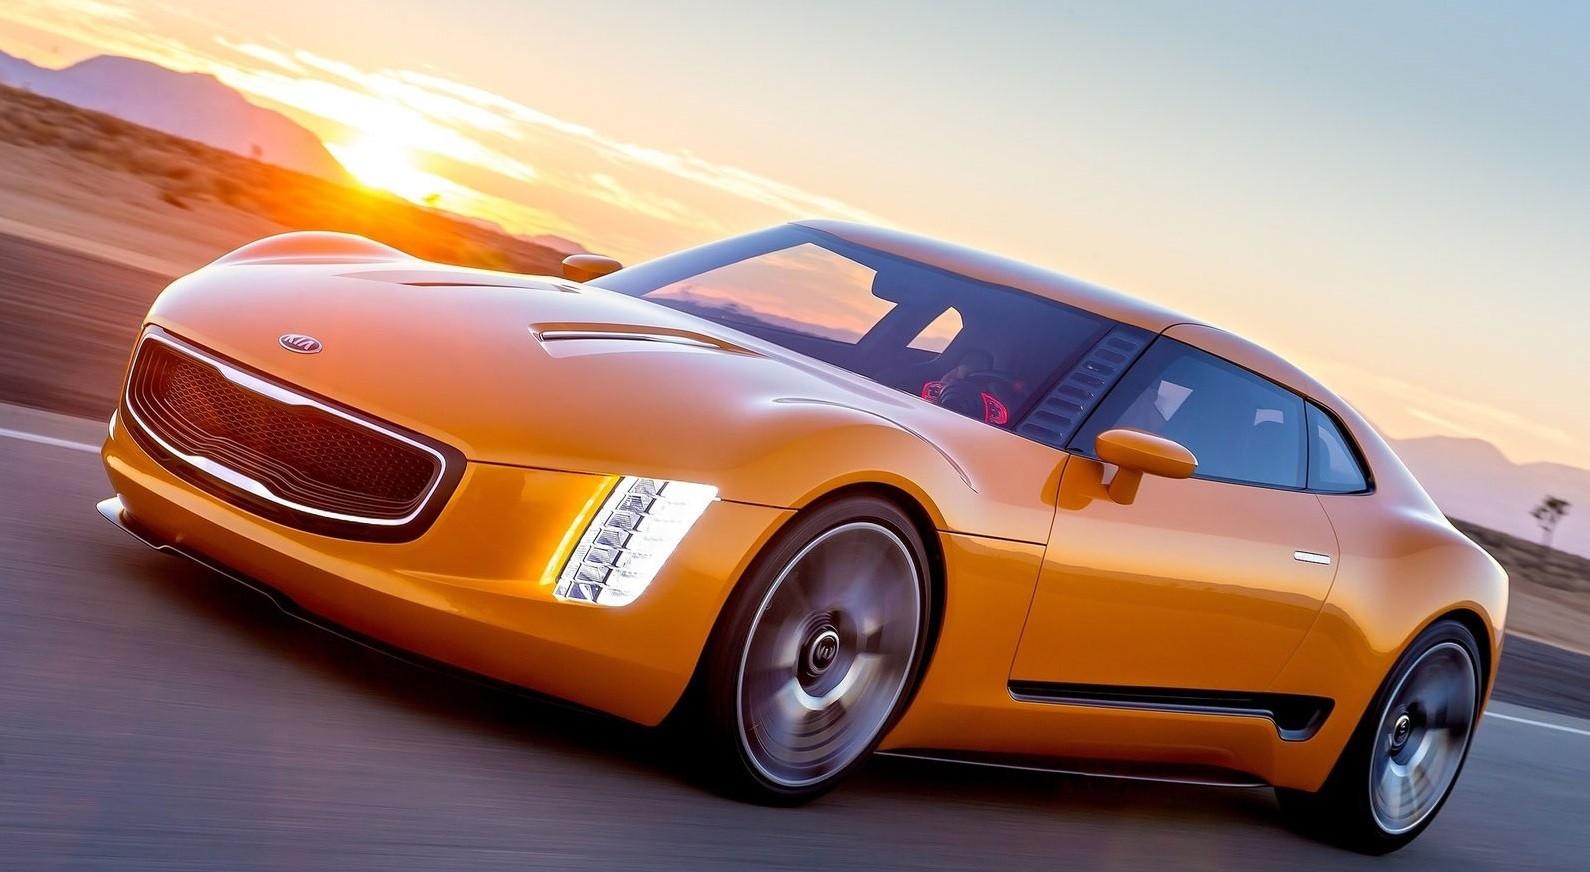 Спортивный автомобиль появится у Kia через 5 лет